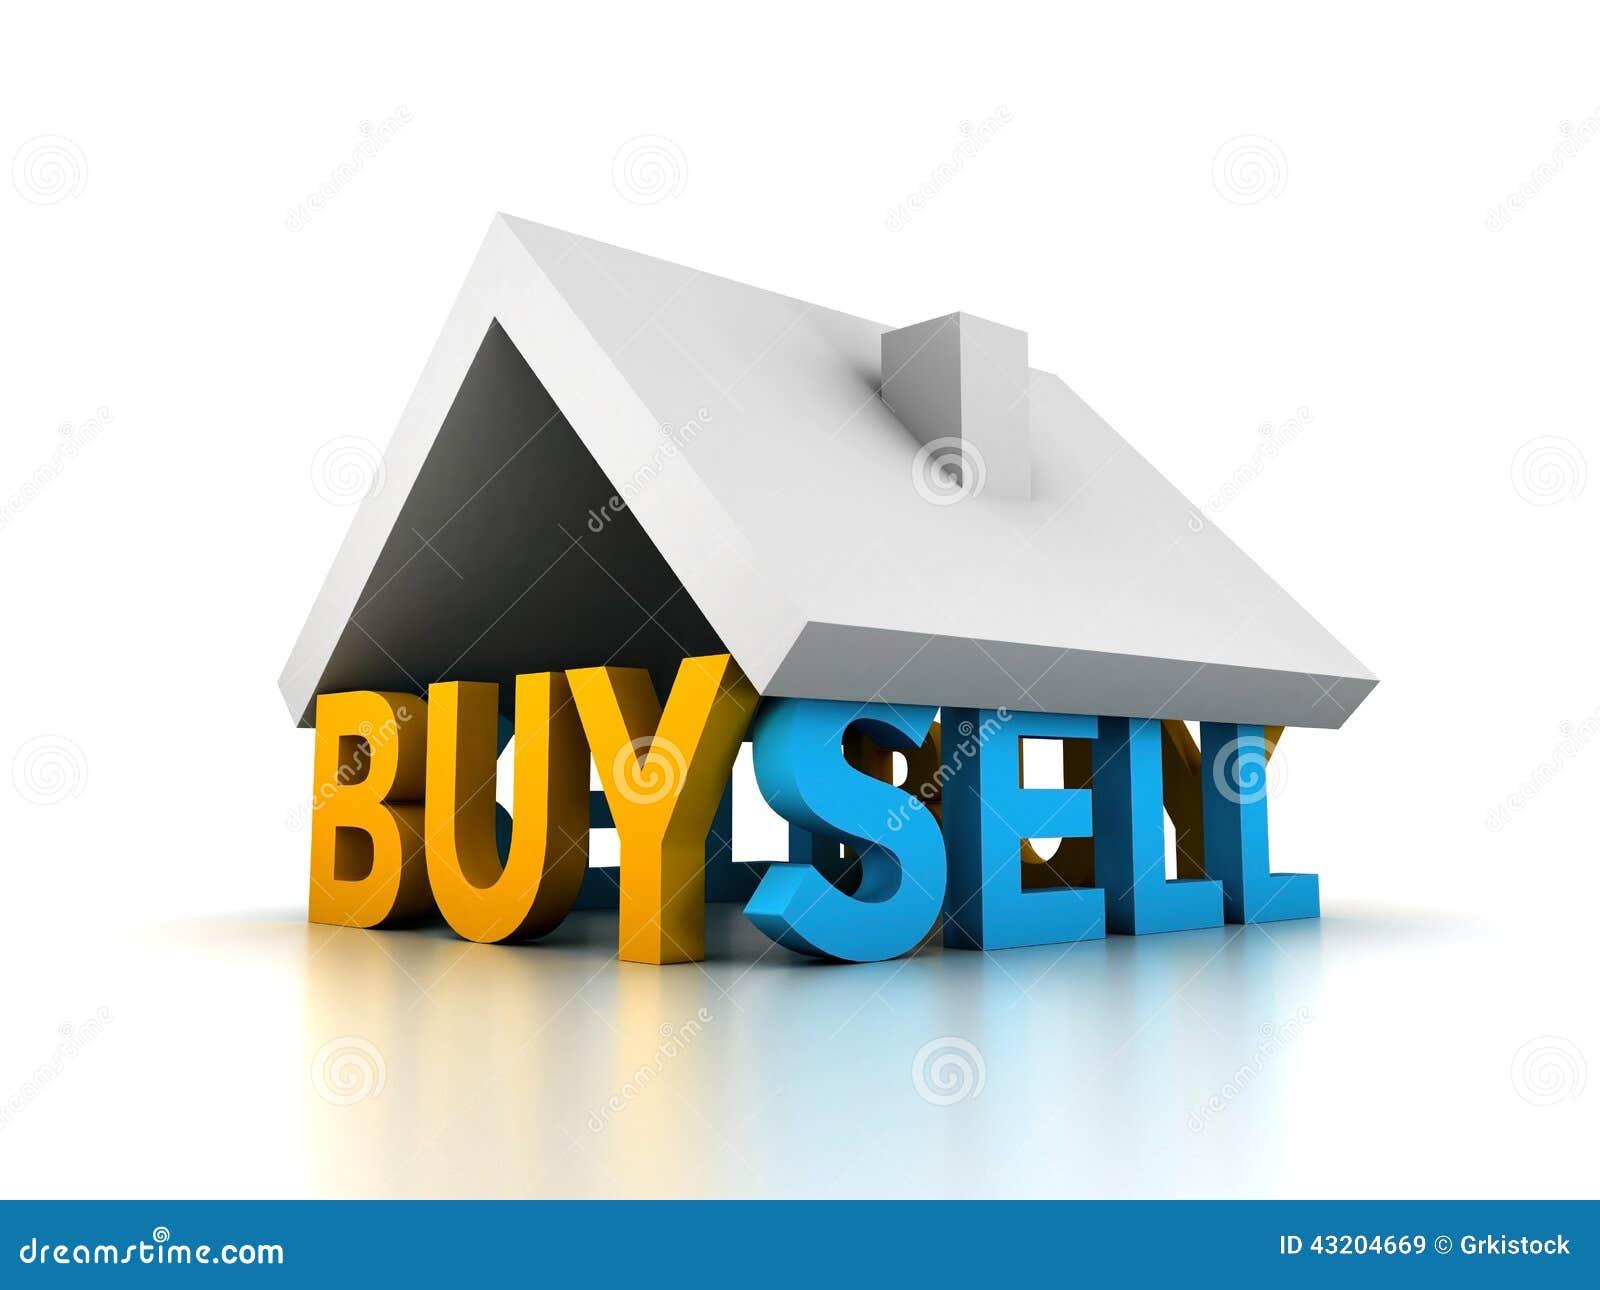 Download Real Estate Conept stock illustrationer. Illustration av gods - 43204669